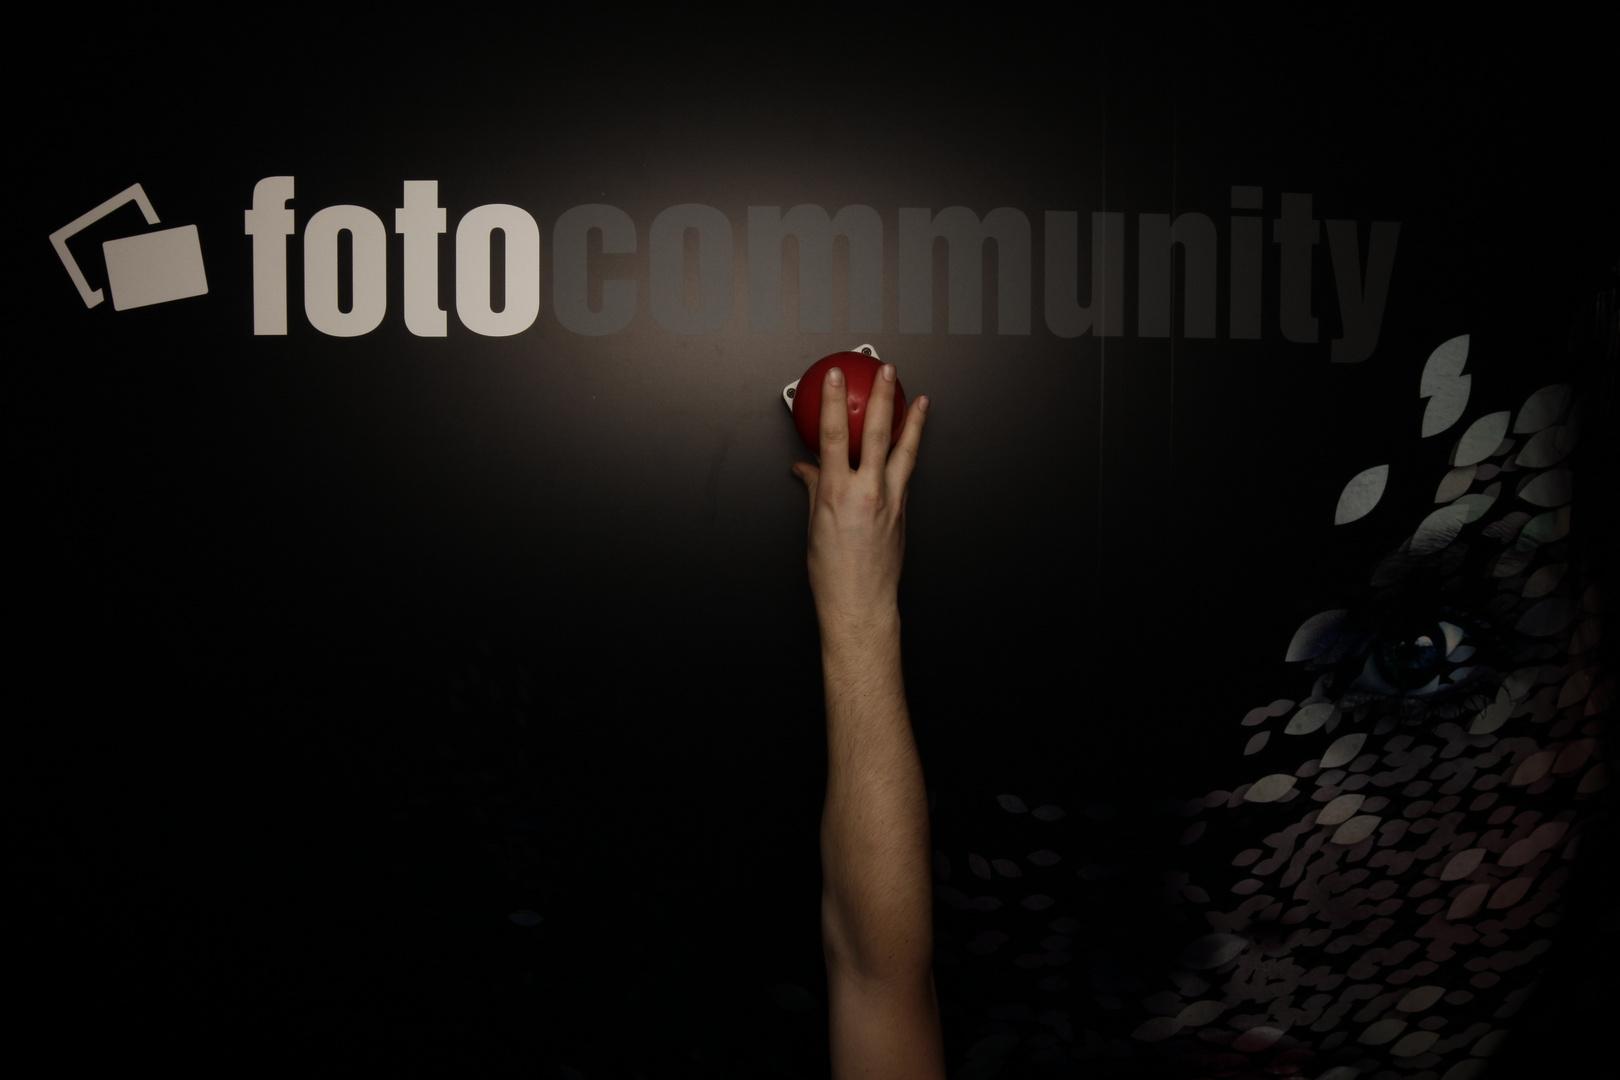 Fotocommunity - Photobooth